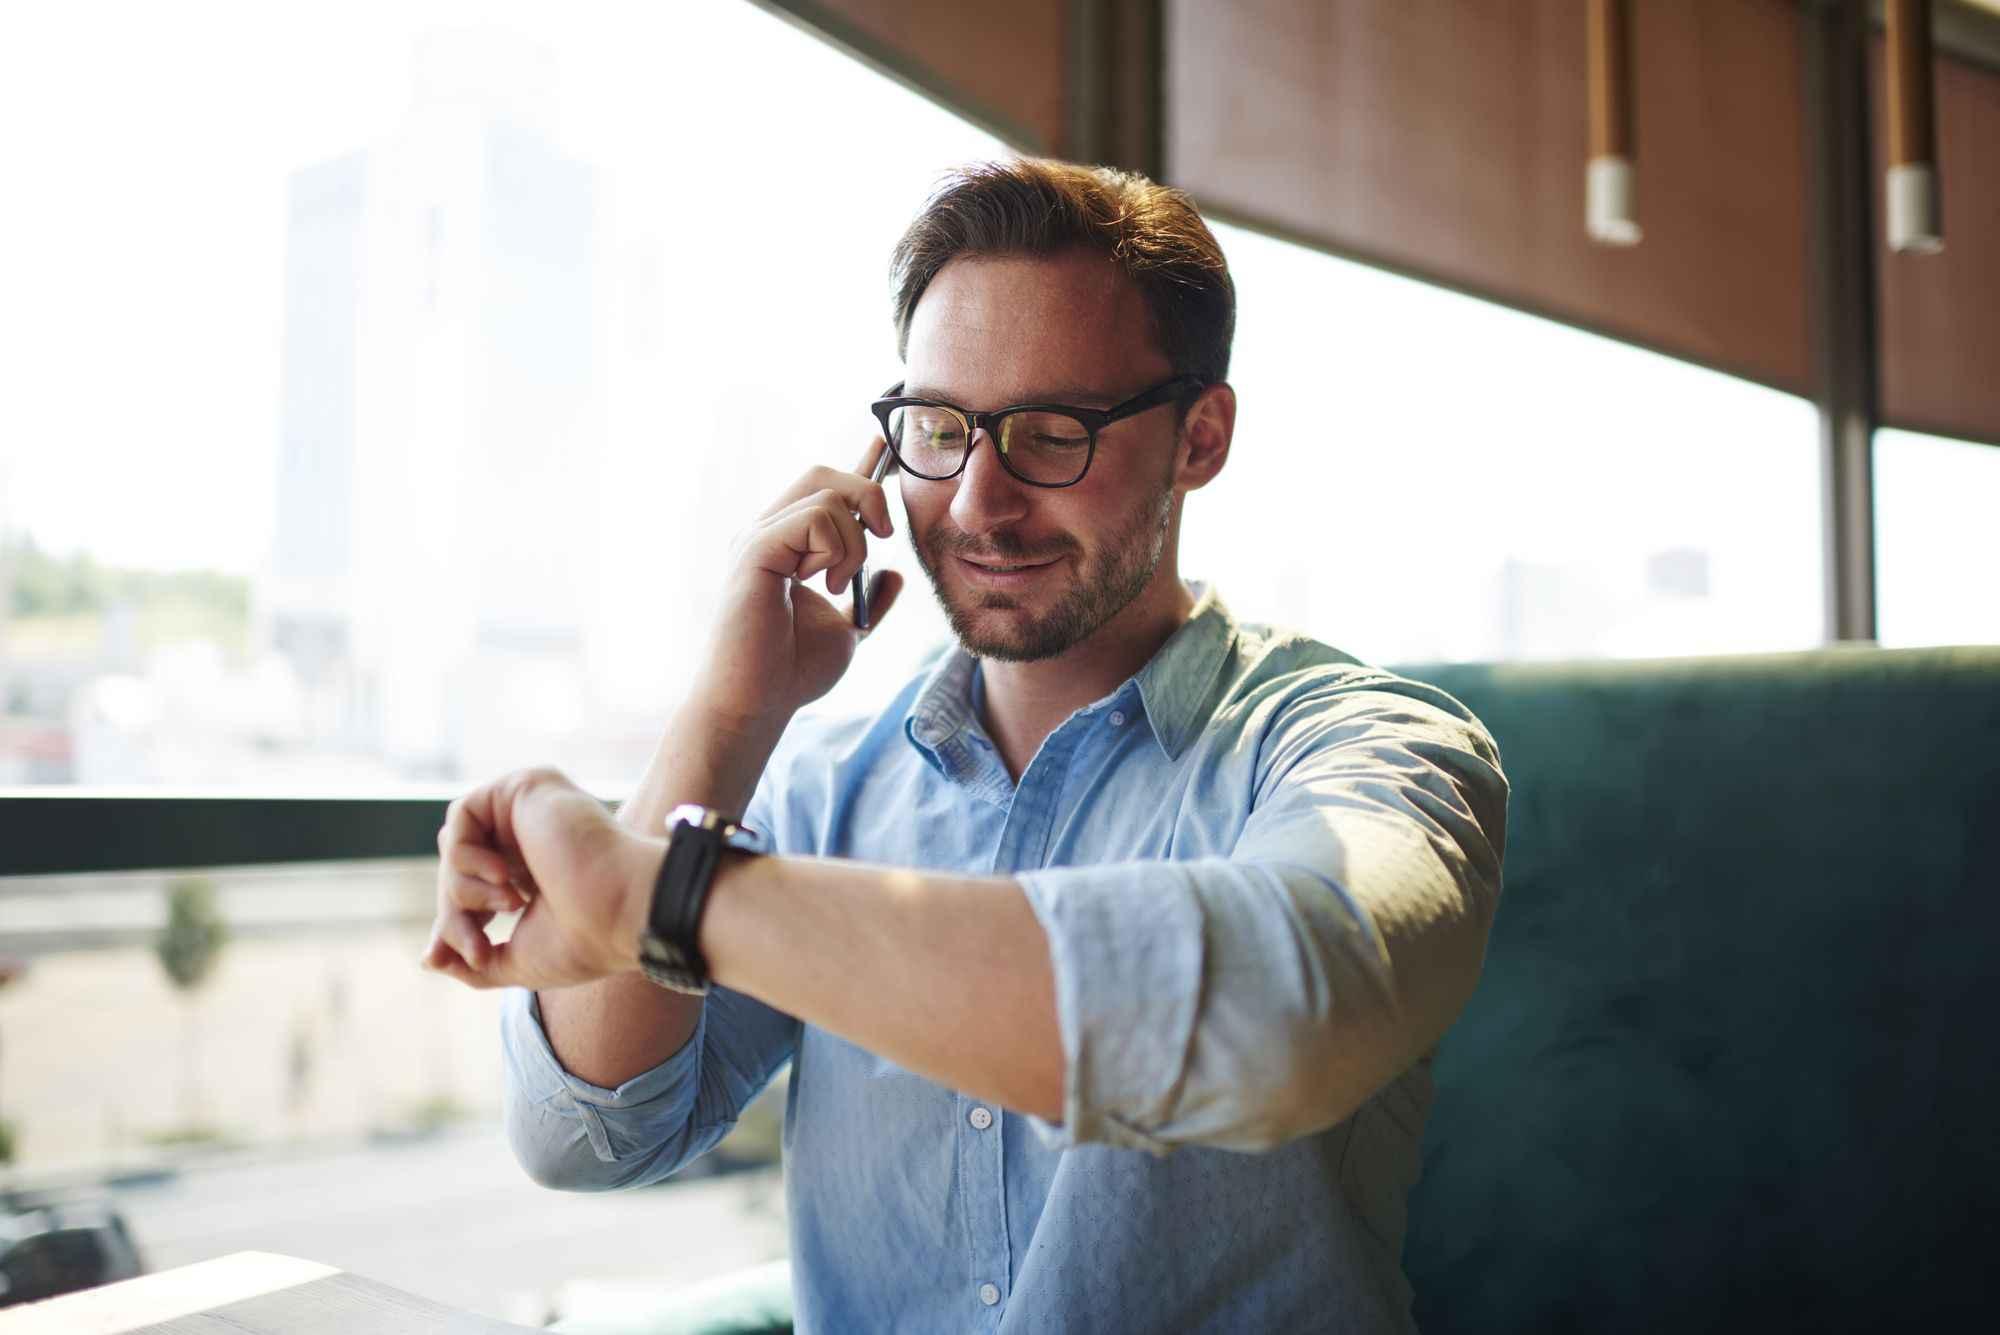 5 dicas eficientes para reduzir fila de espera em ligação telefônica